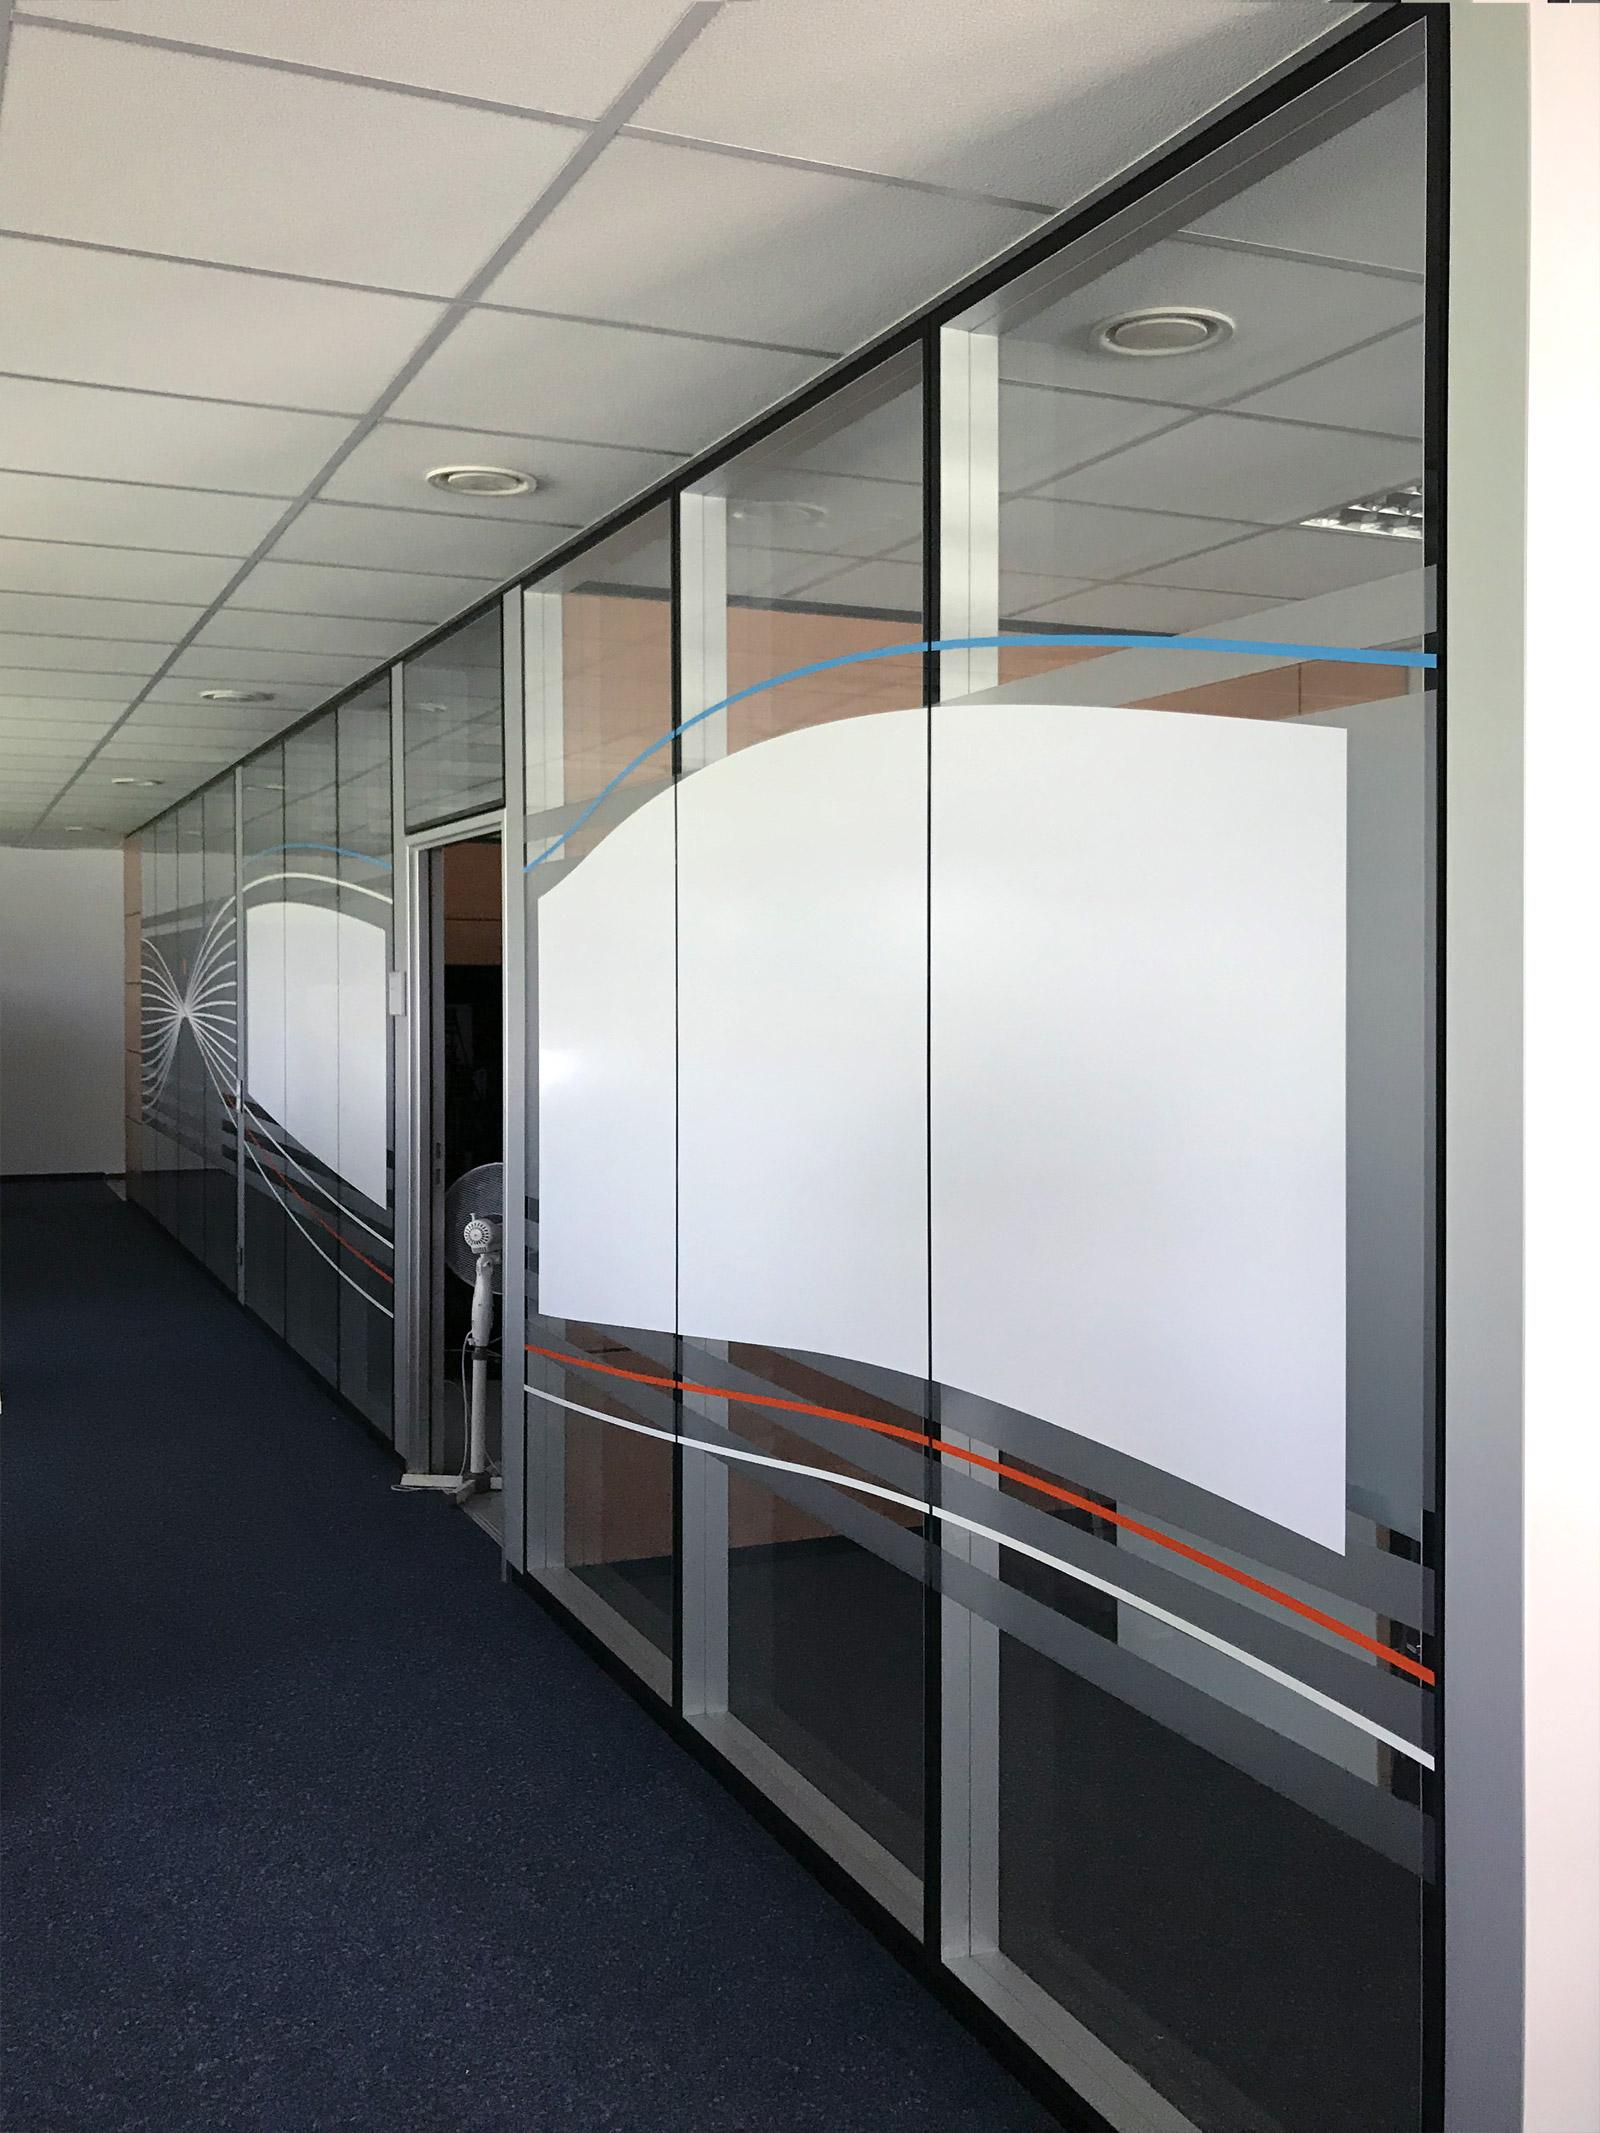 Sichtschutzfolierung aus Milchglasfolie mit darauf geklebten farbigem Muster und teilweise Whiteboardfolie auf einer Glasfront in Büroräumlichkeiten der Firma isyst